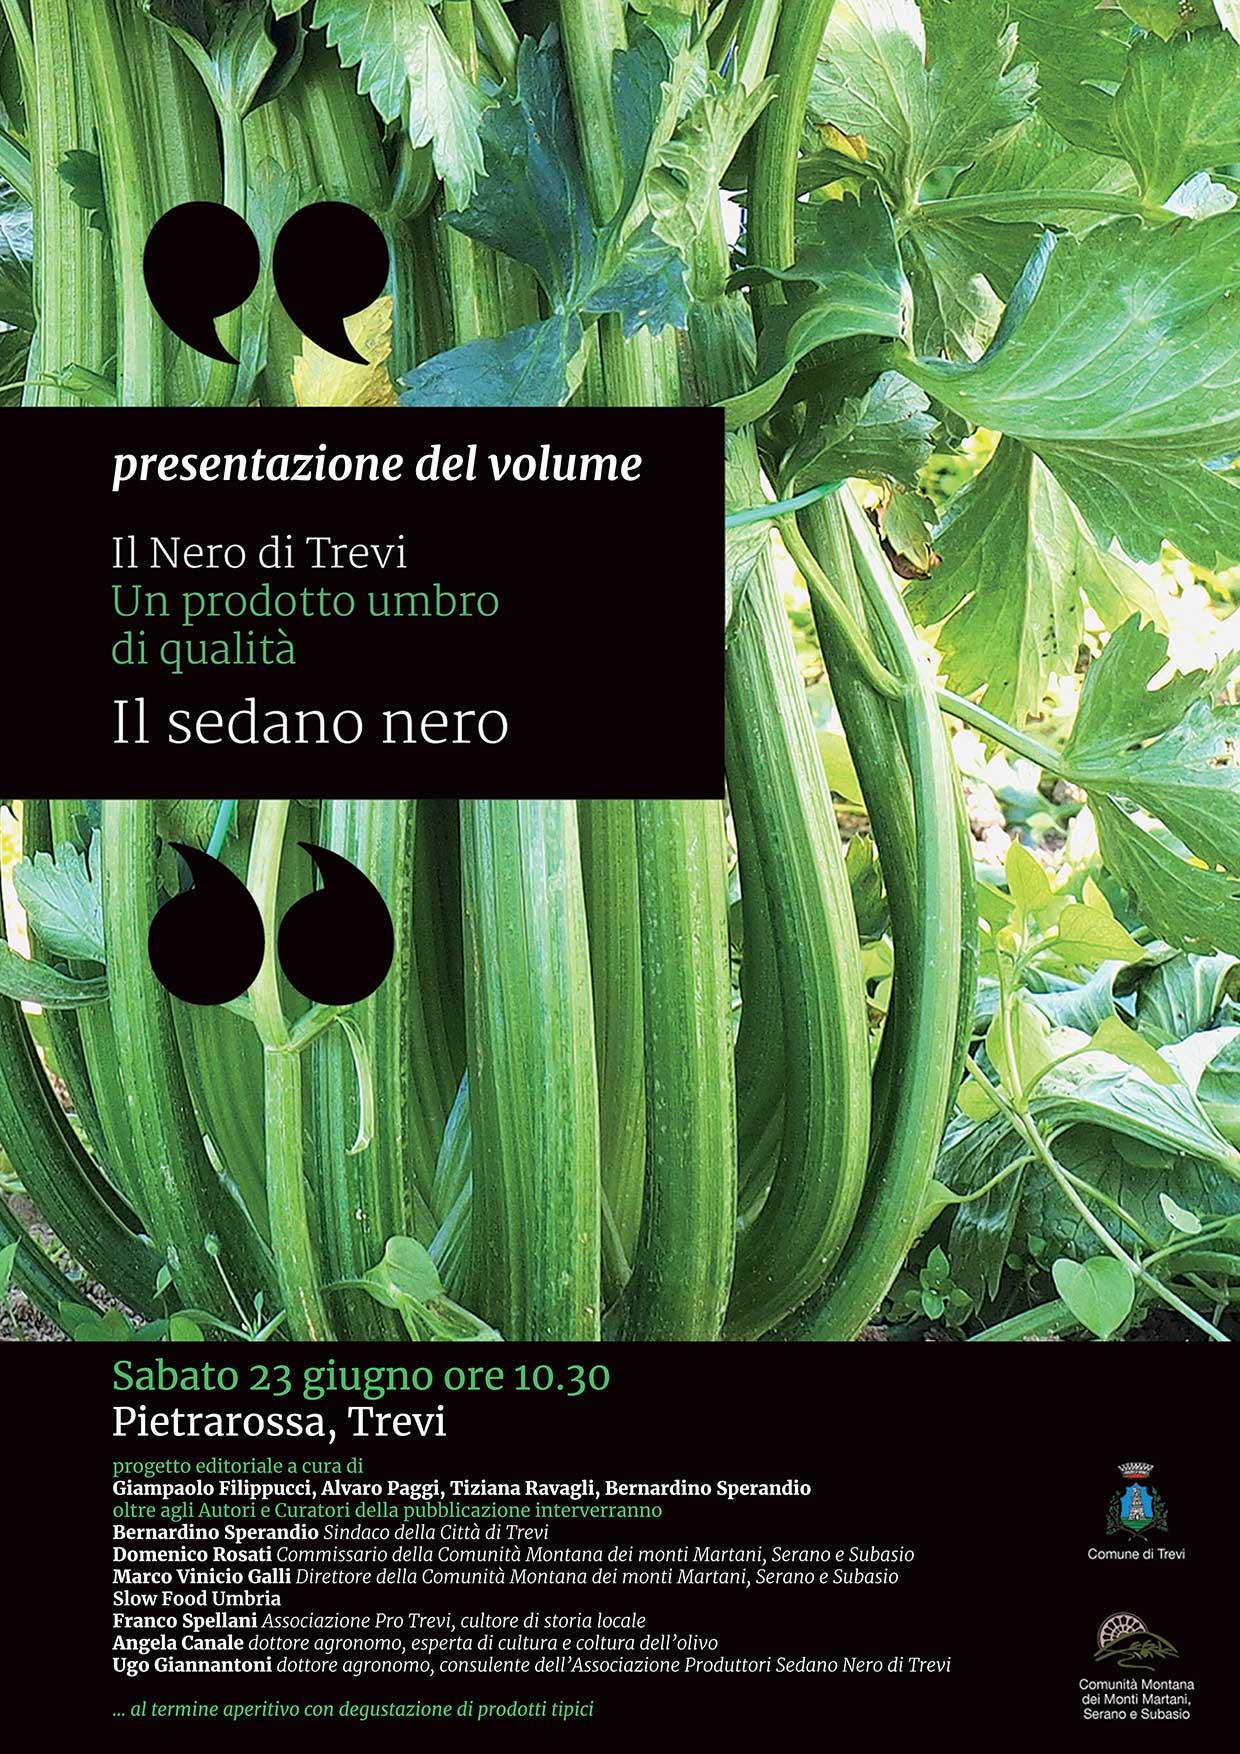 LOCANDINA-INVITO: PRESENTAZIONE DEL VOLUME IL NERO DI TREVI, PIETRAROSSA